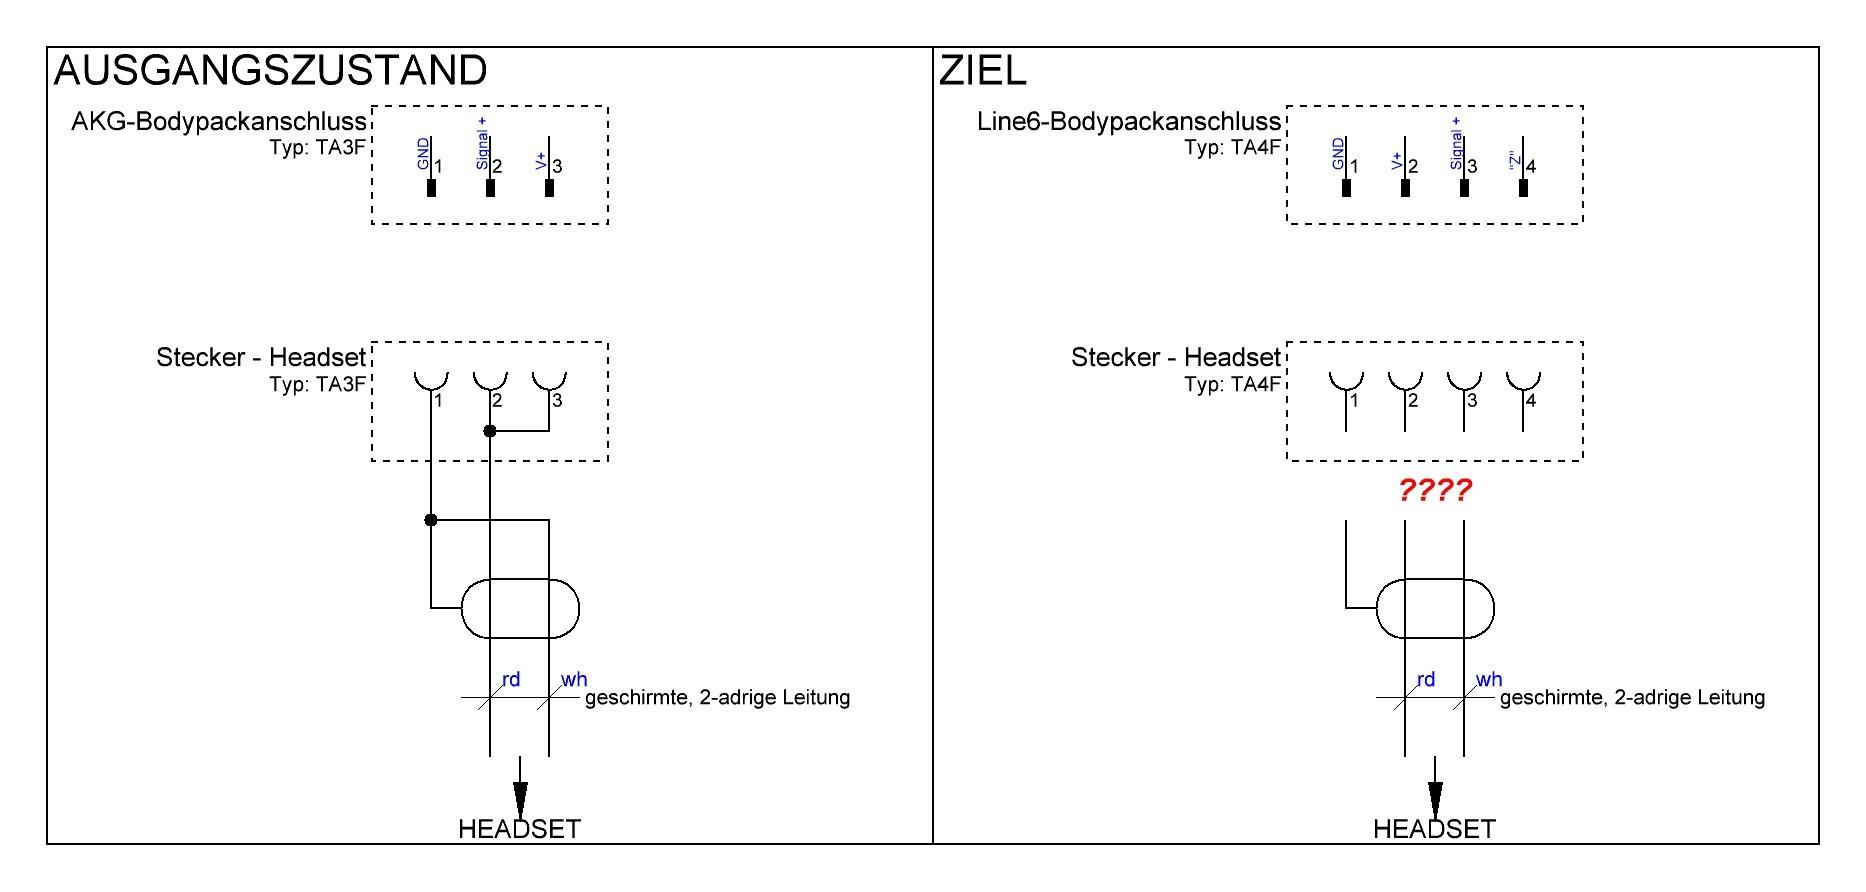 Großartig Iphone Headset Schaltplan Zeitgenössisch - Der ...